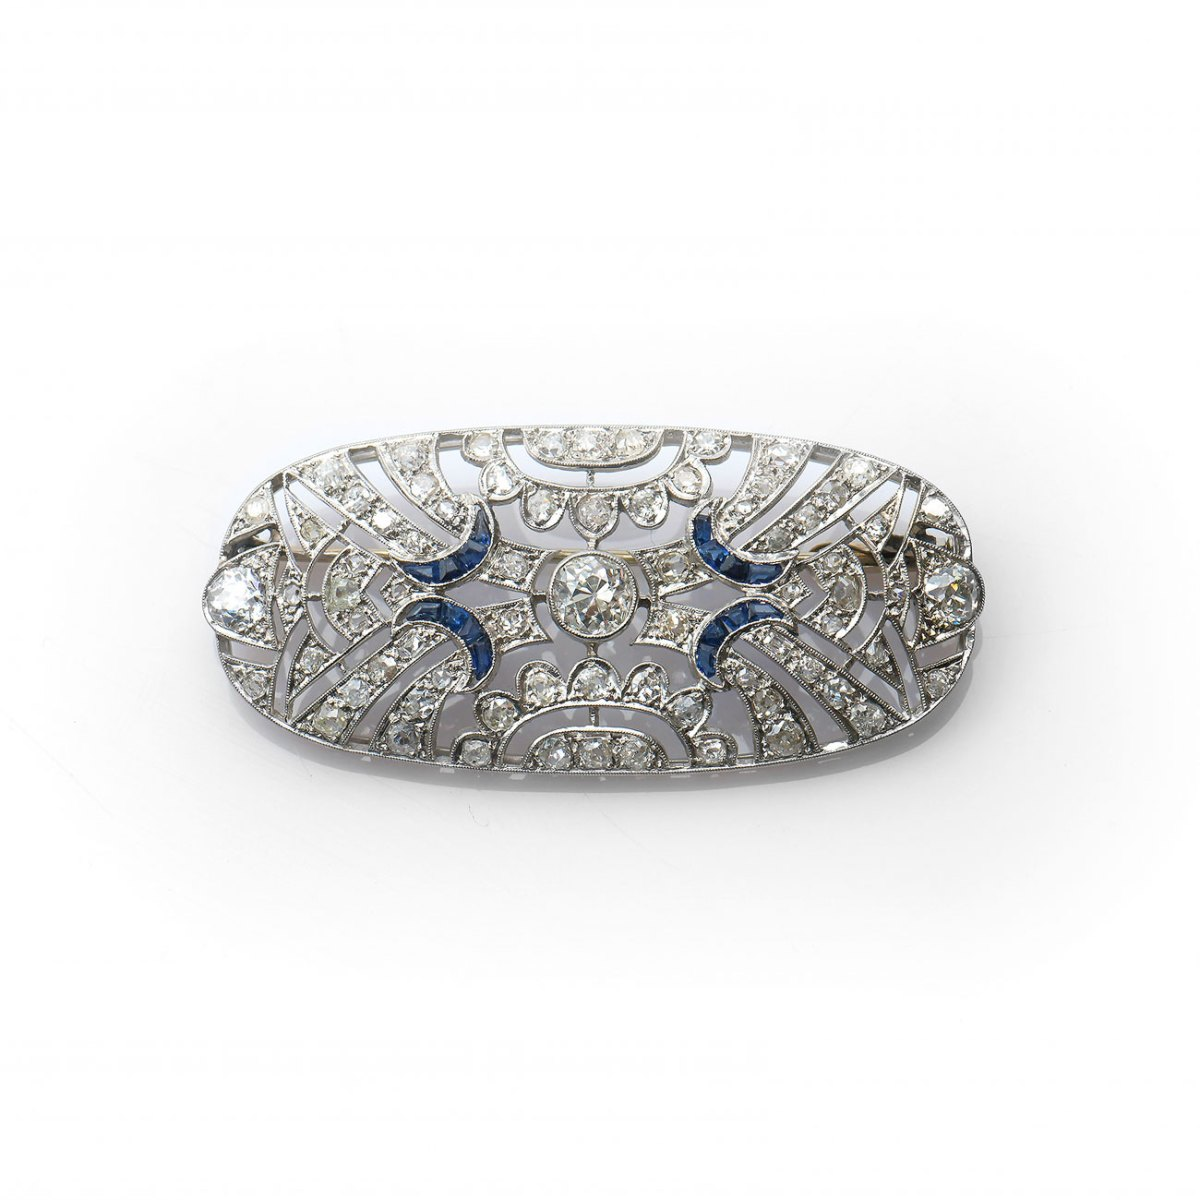 Broche platine diamants et saphirs calibrés, diamants 2,65ct env. saphirs 0,26ct env., platine 950‰ | Réf. EVENOR Joaillerie • Bijoux Vintage